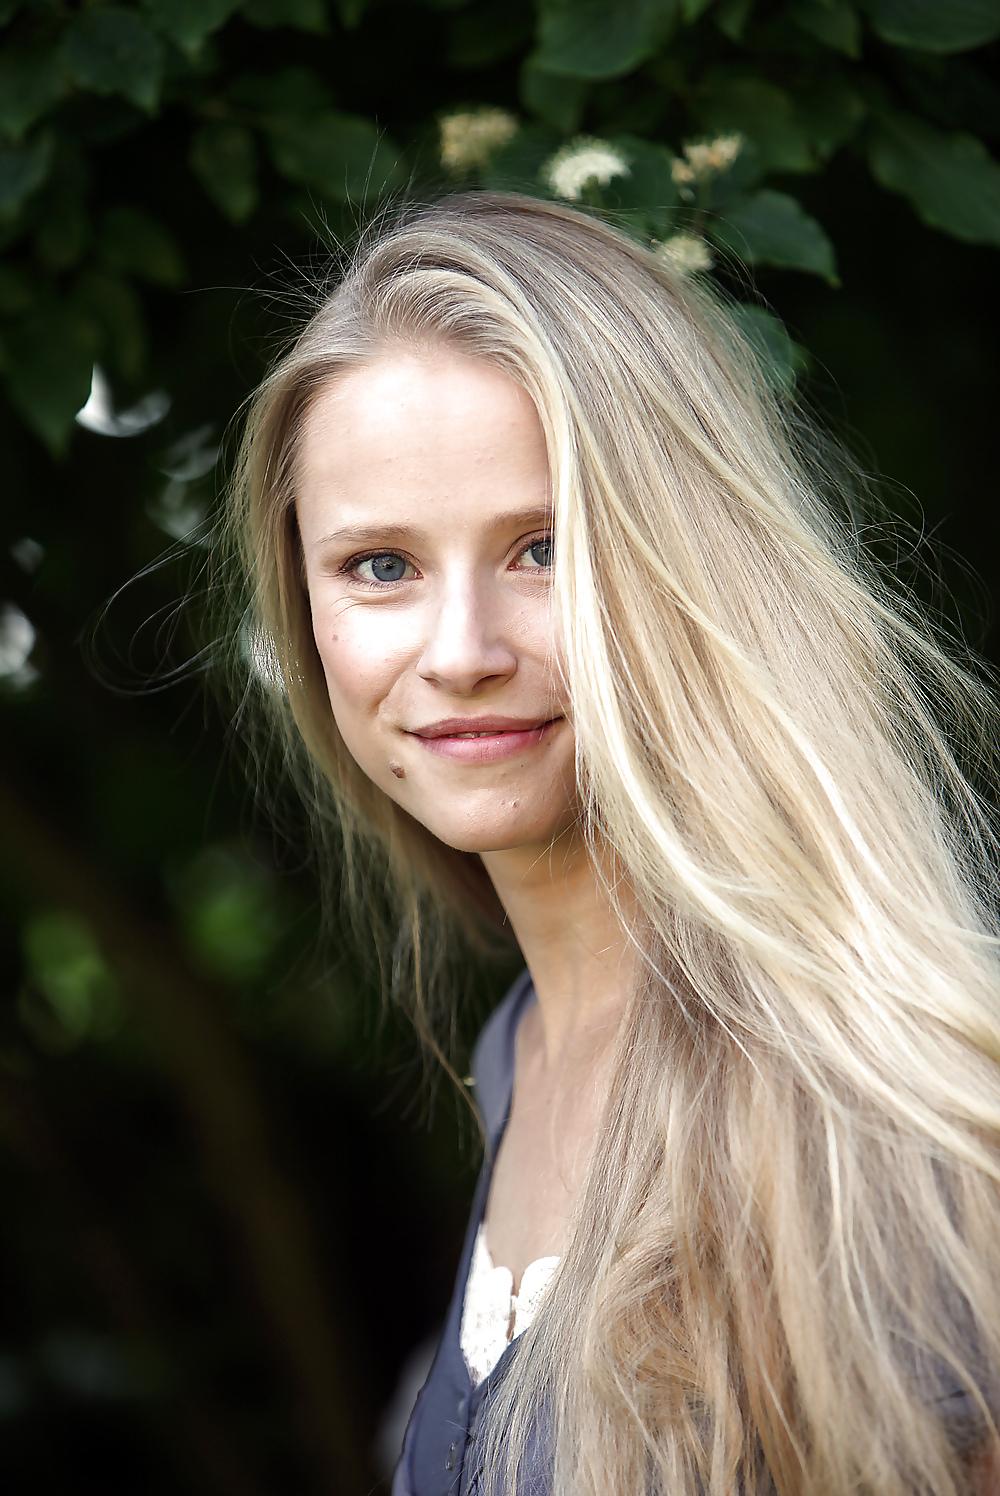 Susanne bormann nude